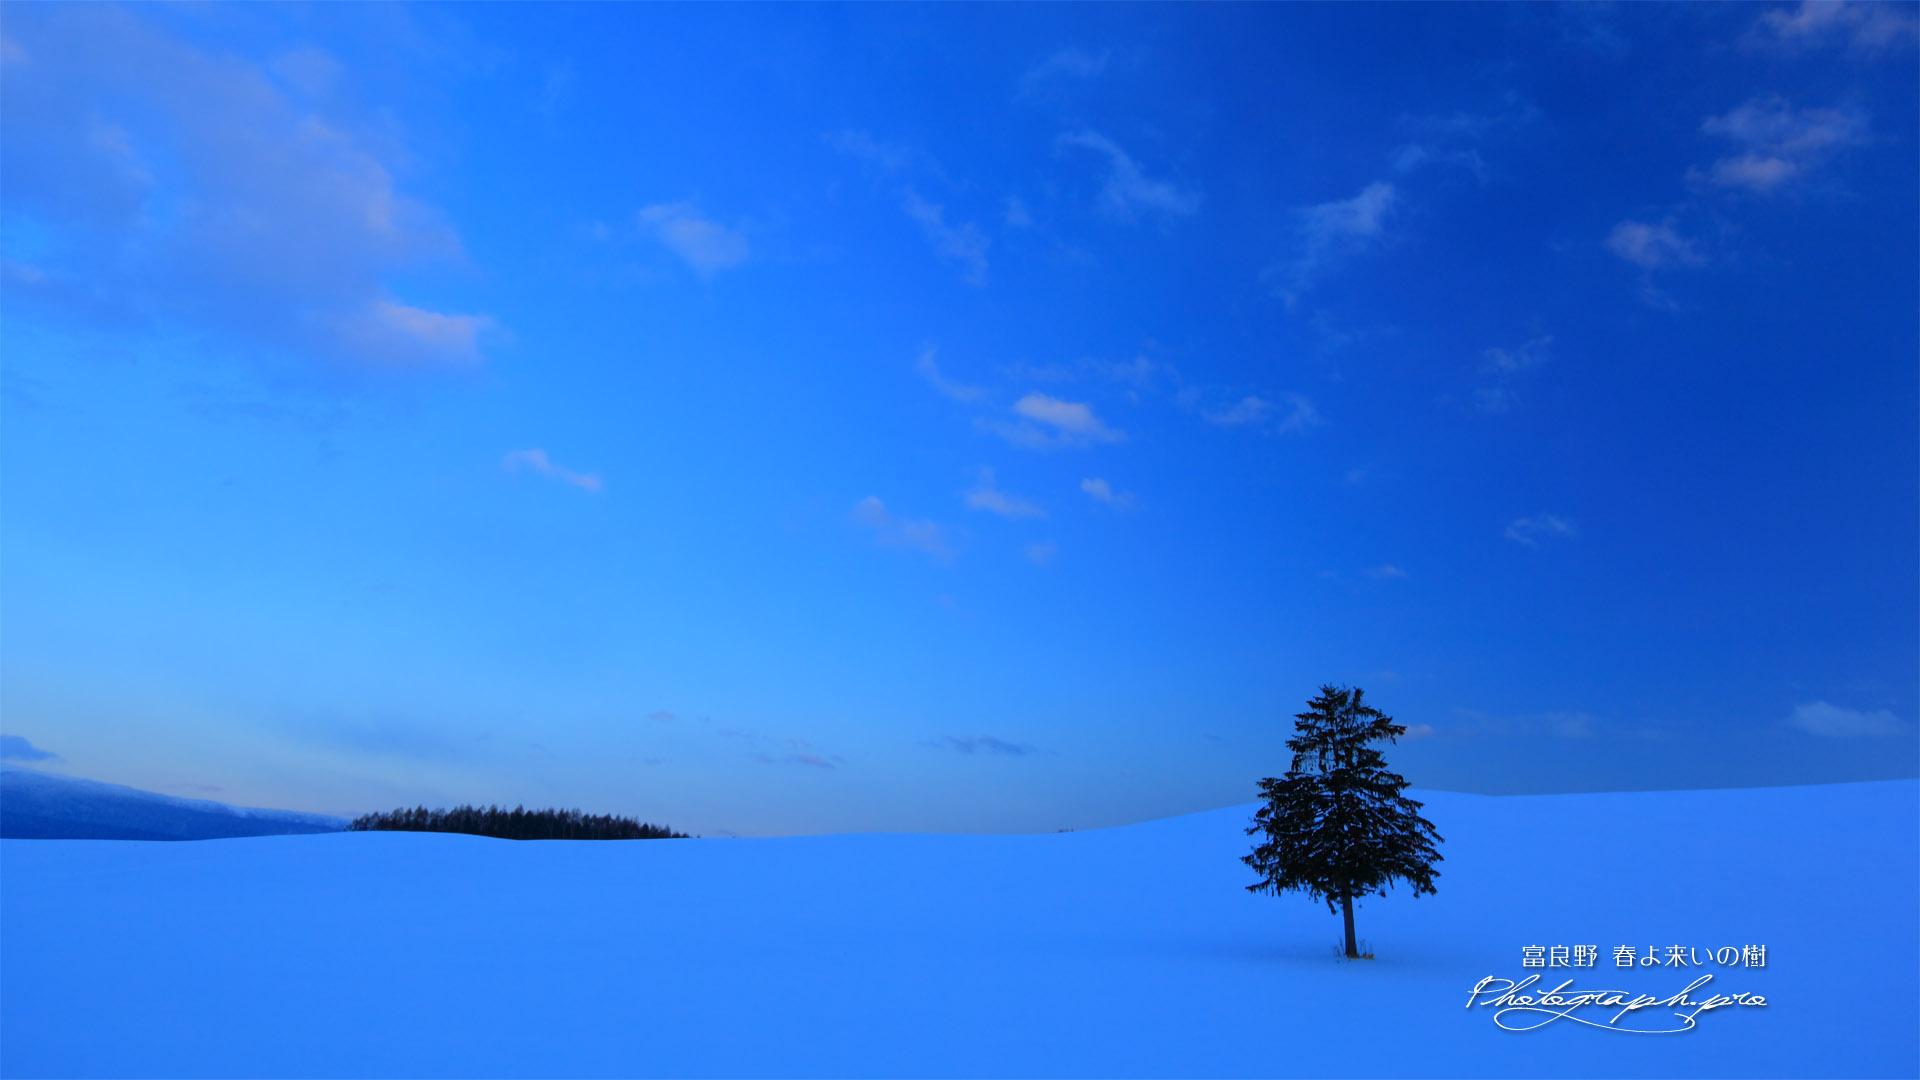 日没後の一本の樹 の壁紙 19x1080